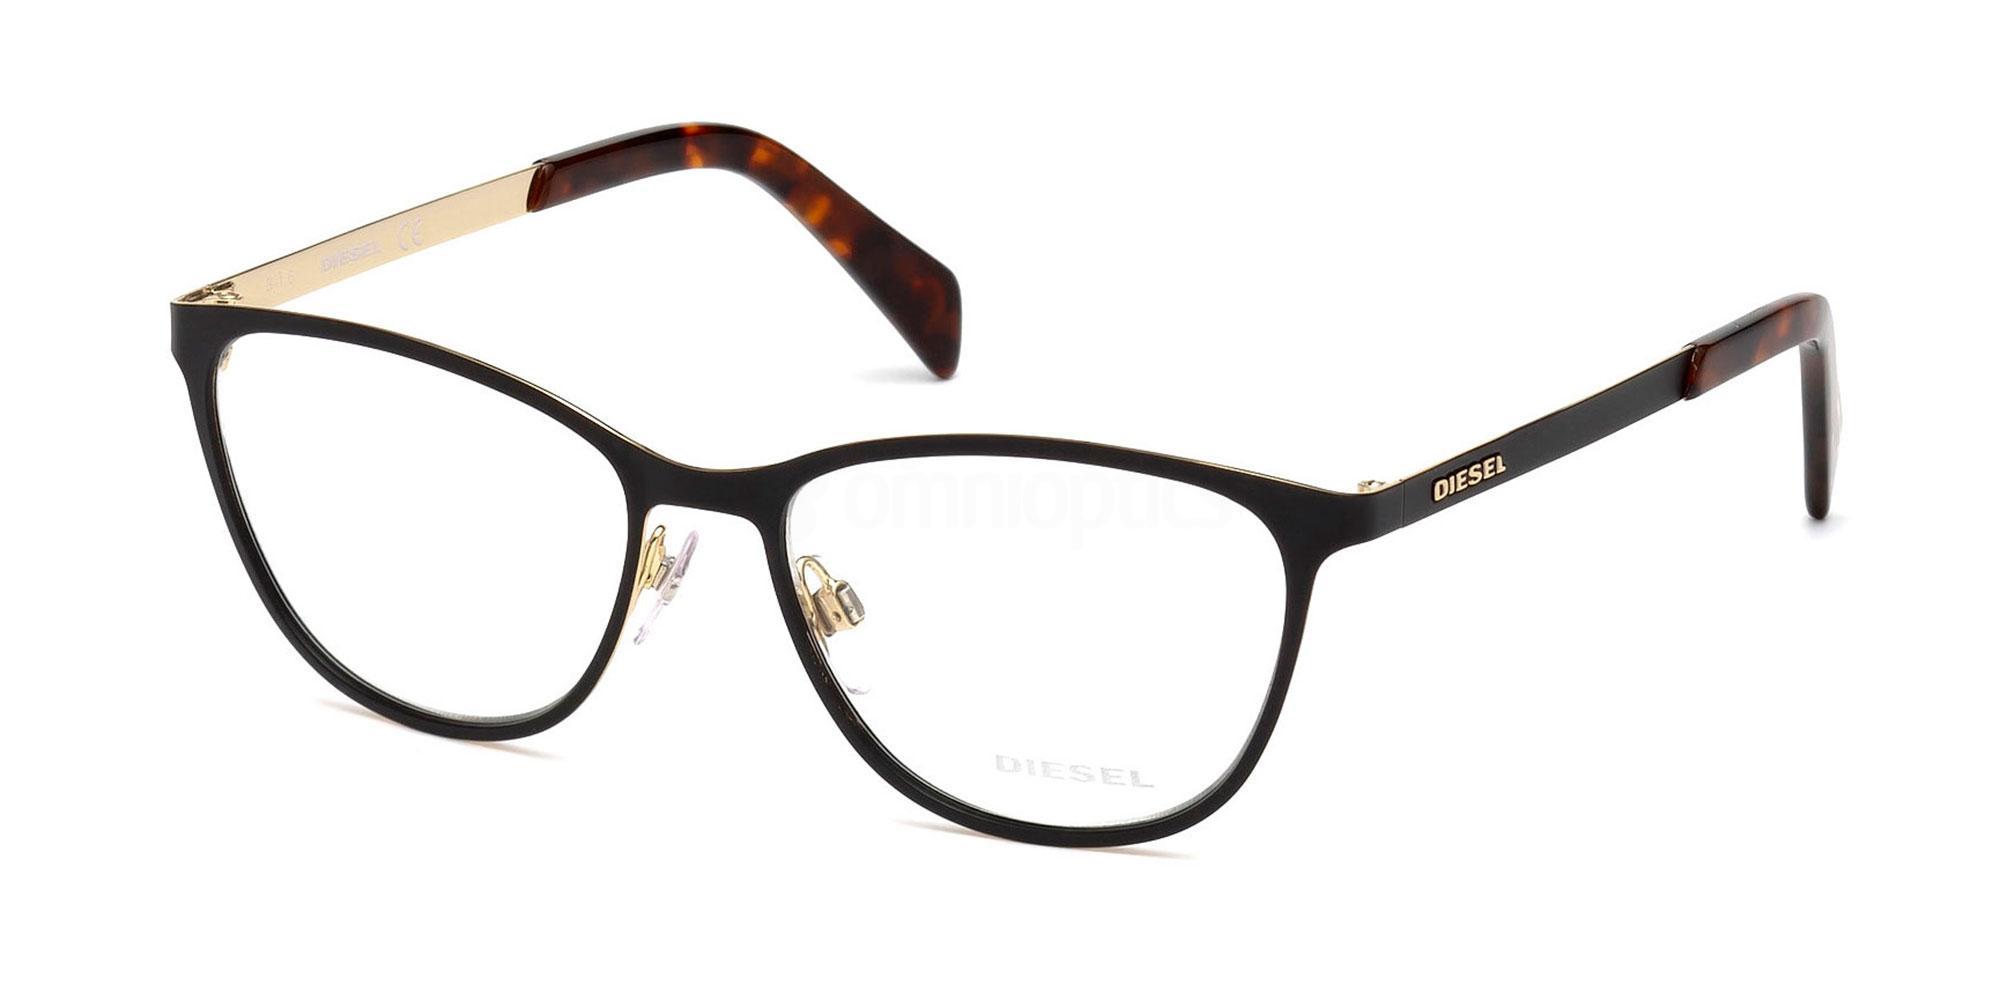 002 DL5228 Glasses, Diesel